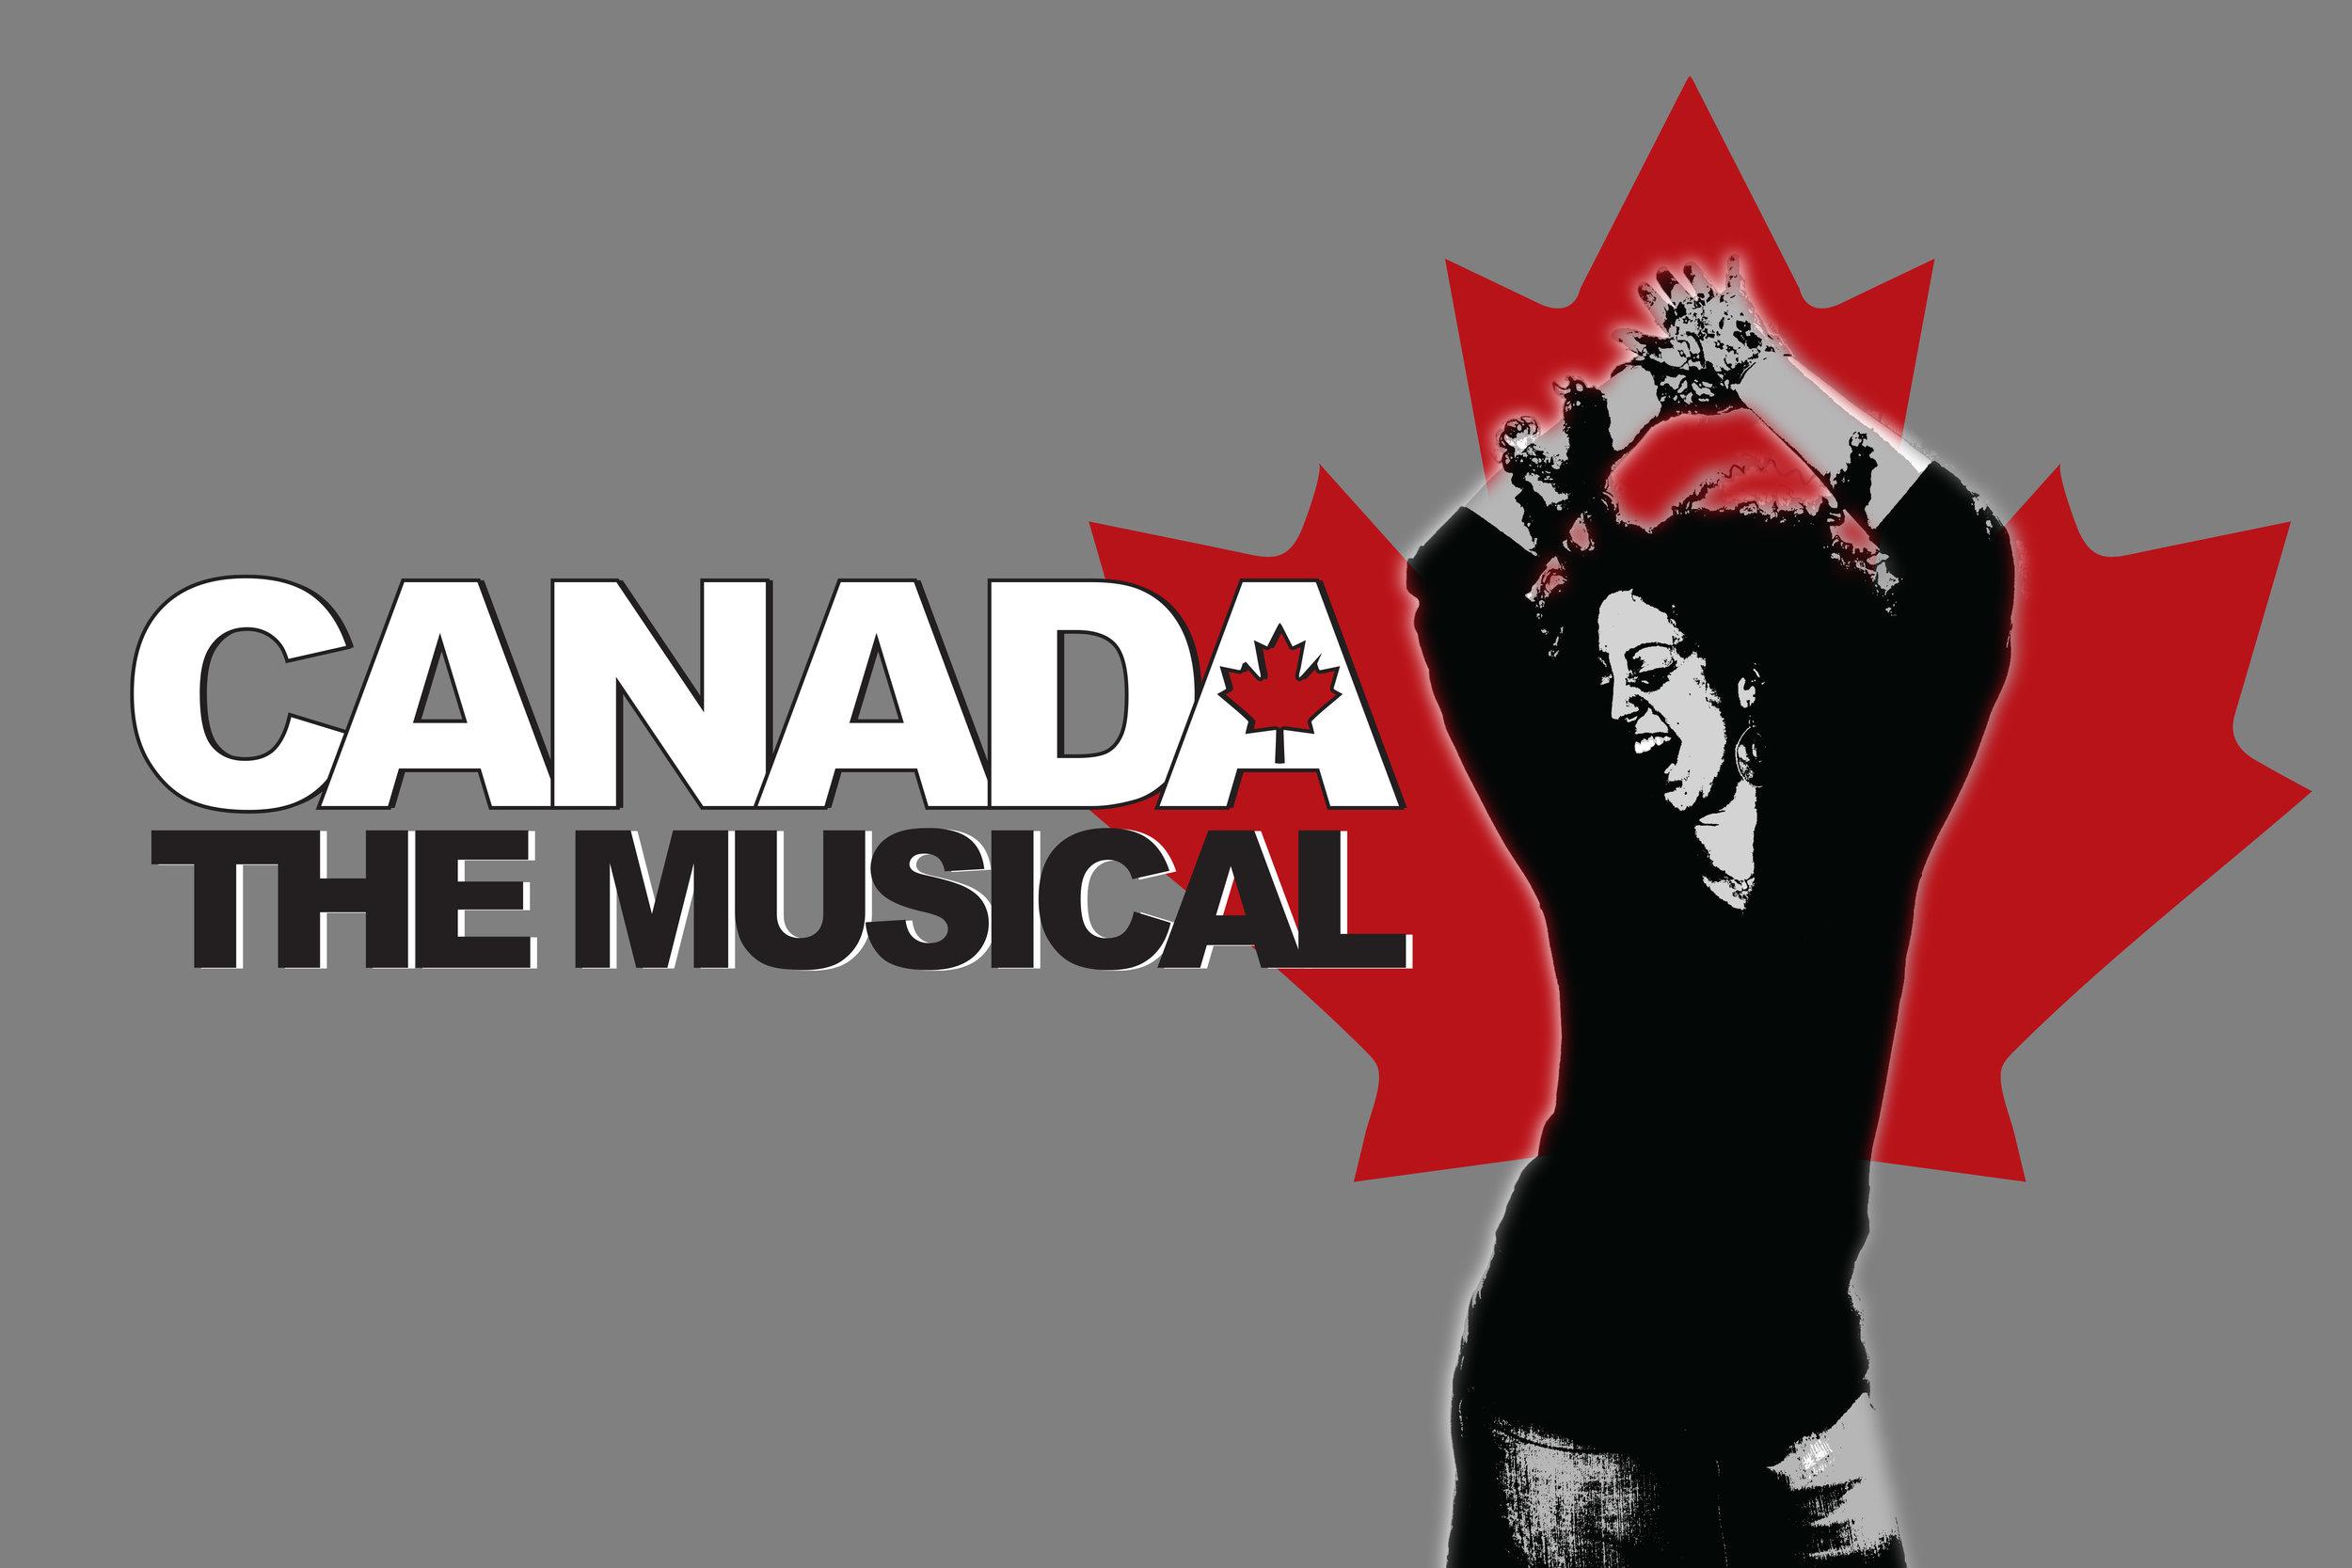 CanadaMusicalHorizontal.jpg